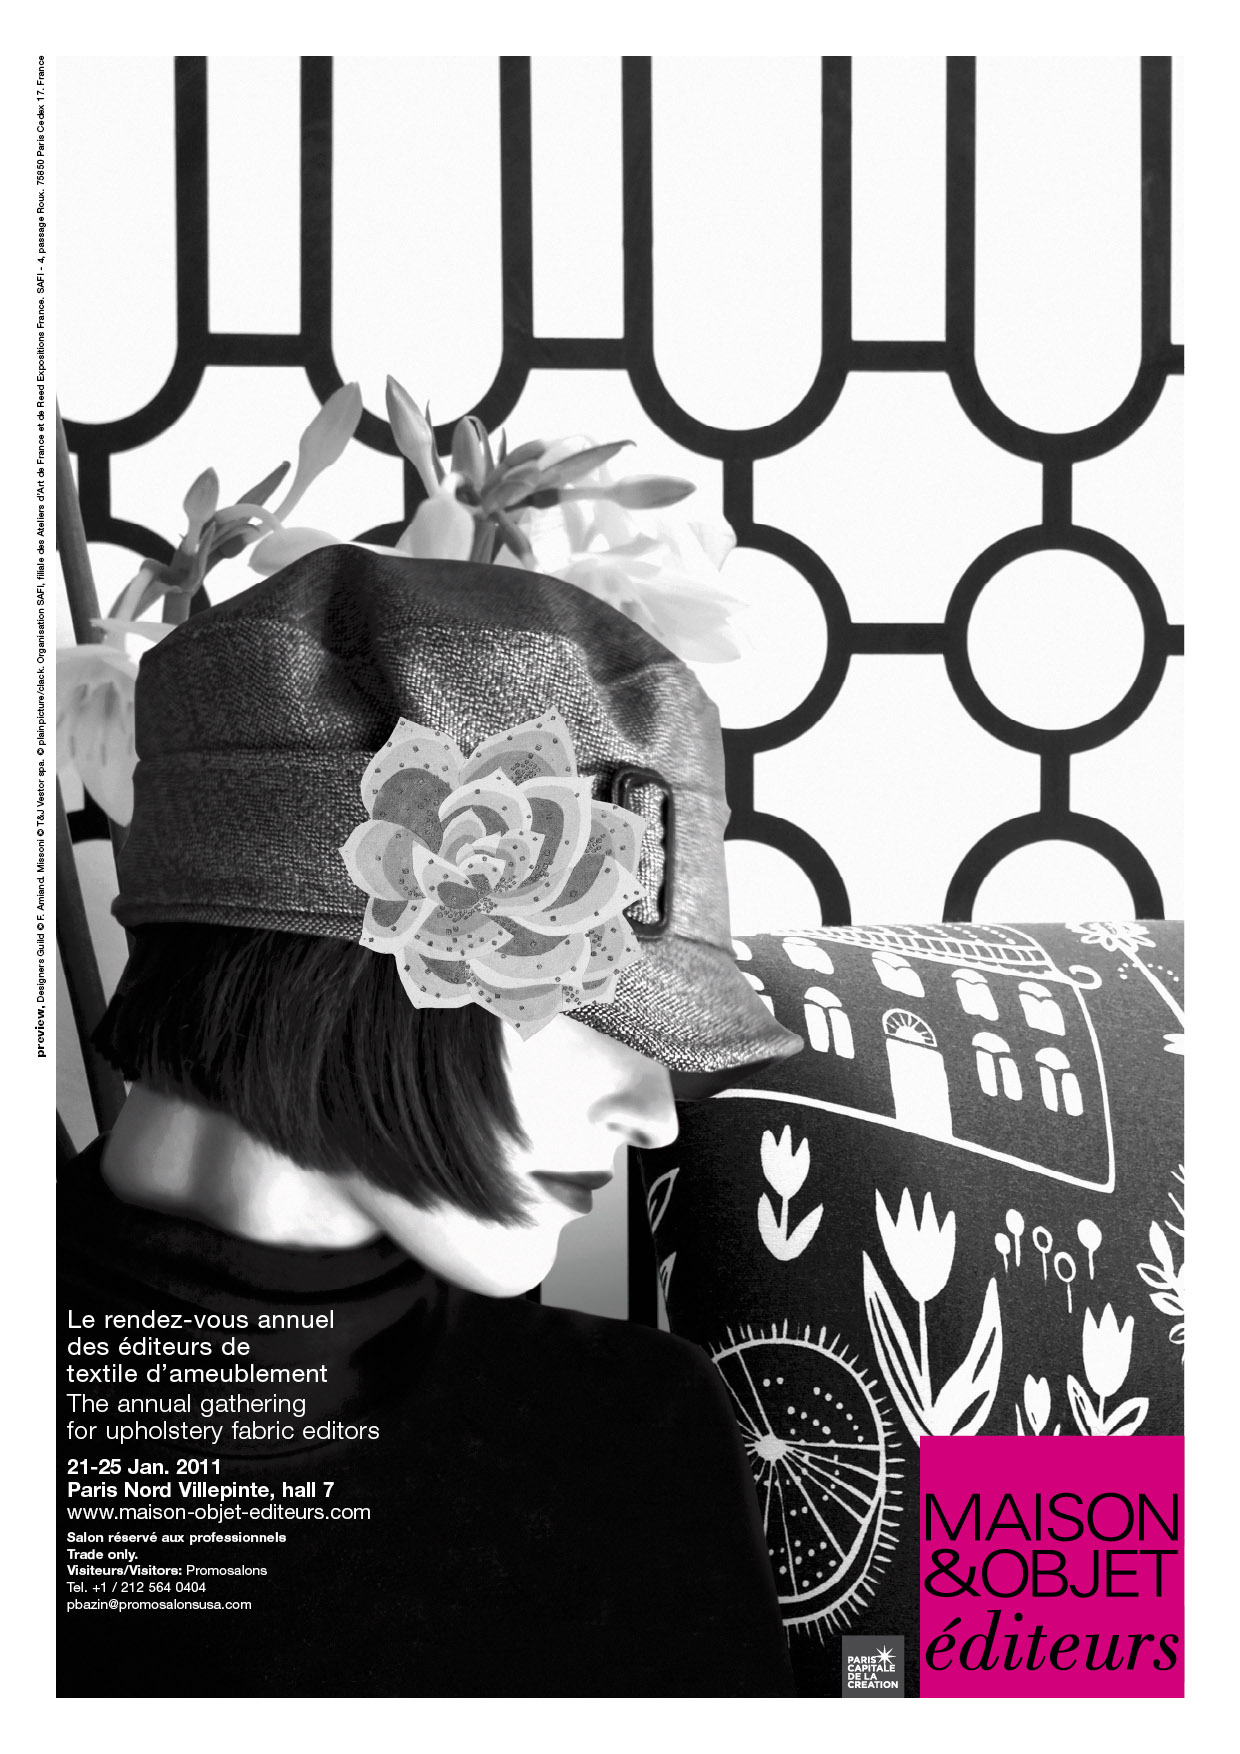 Salon maison et objet janvier 2011 for Villepinte salon maison et objet